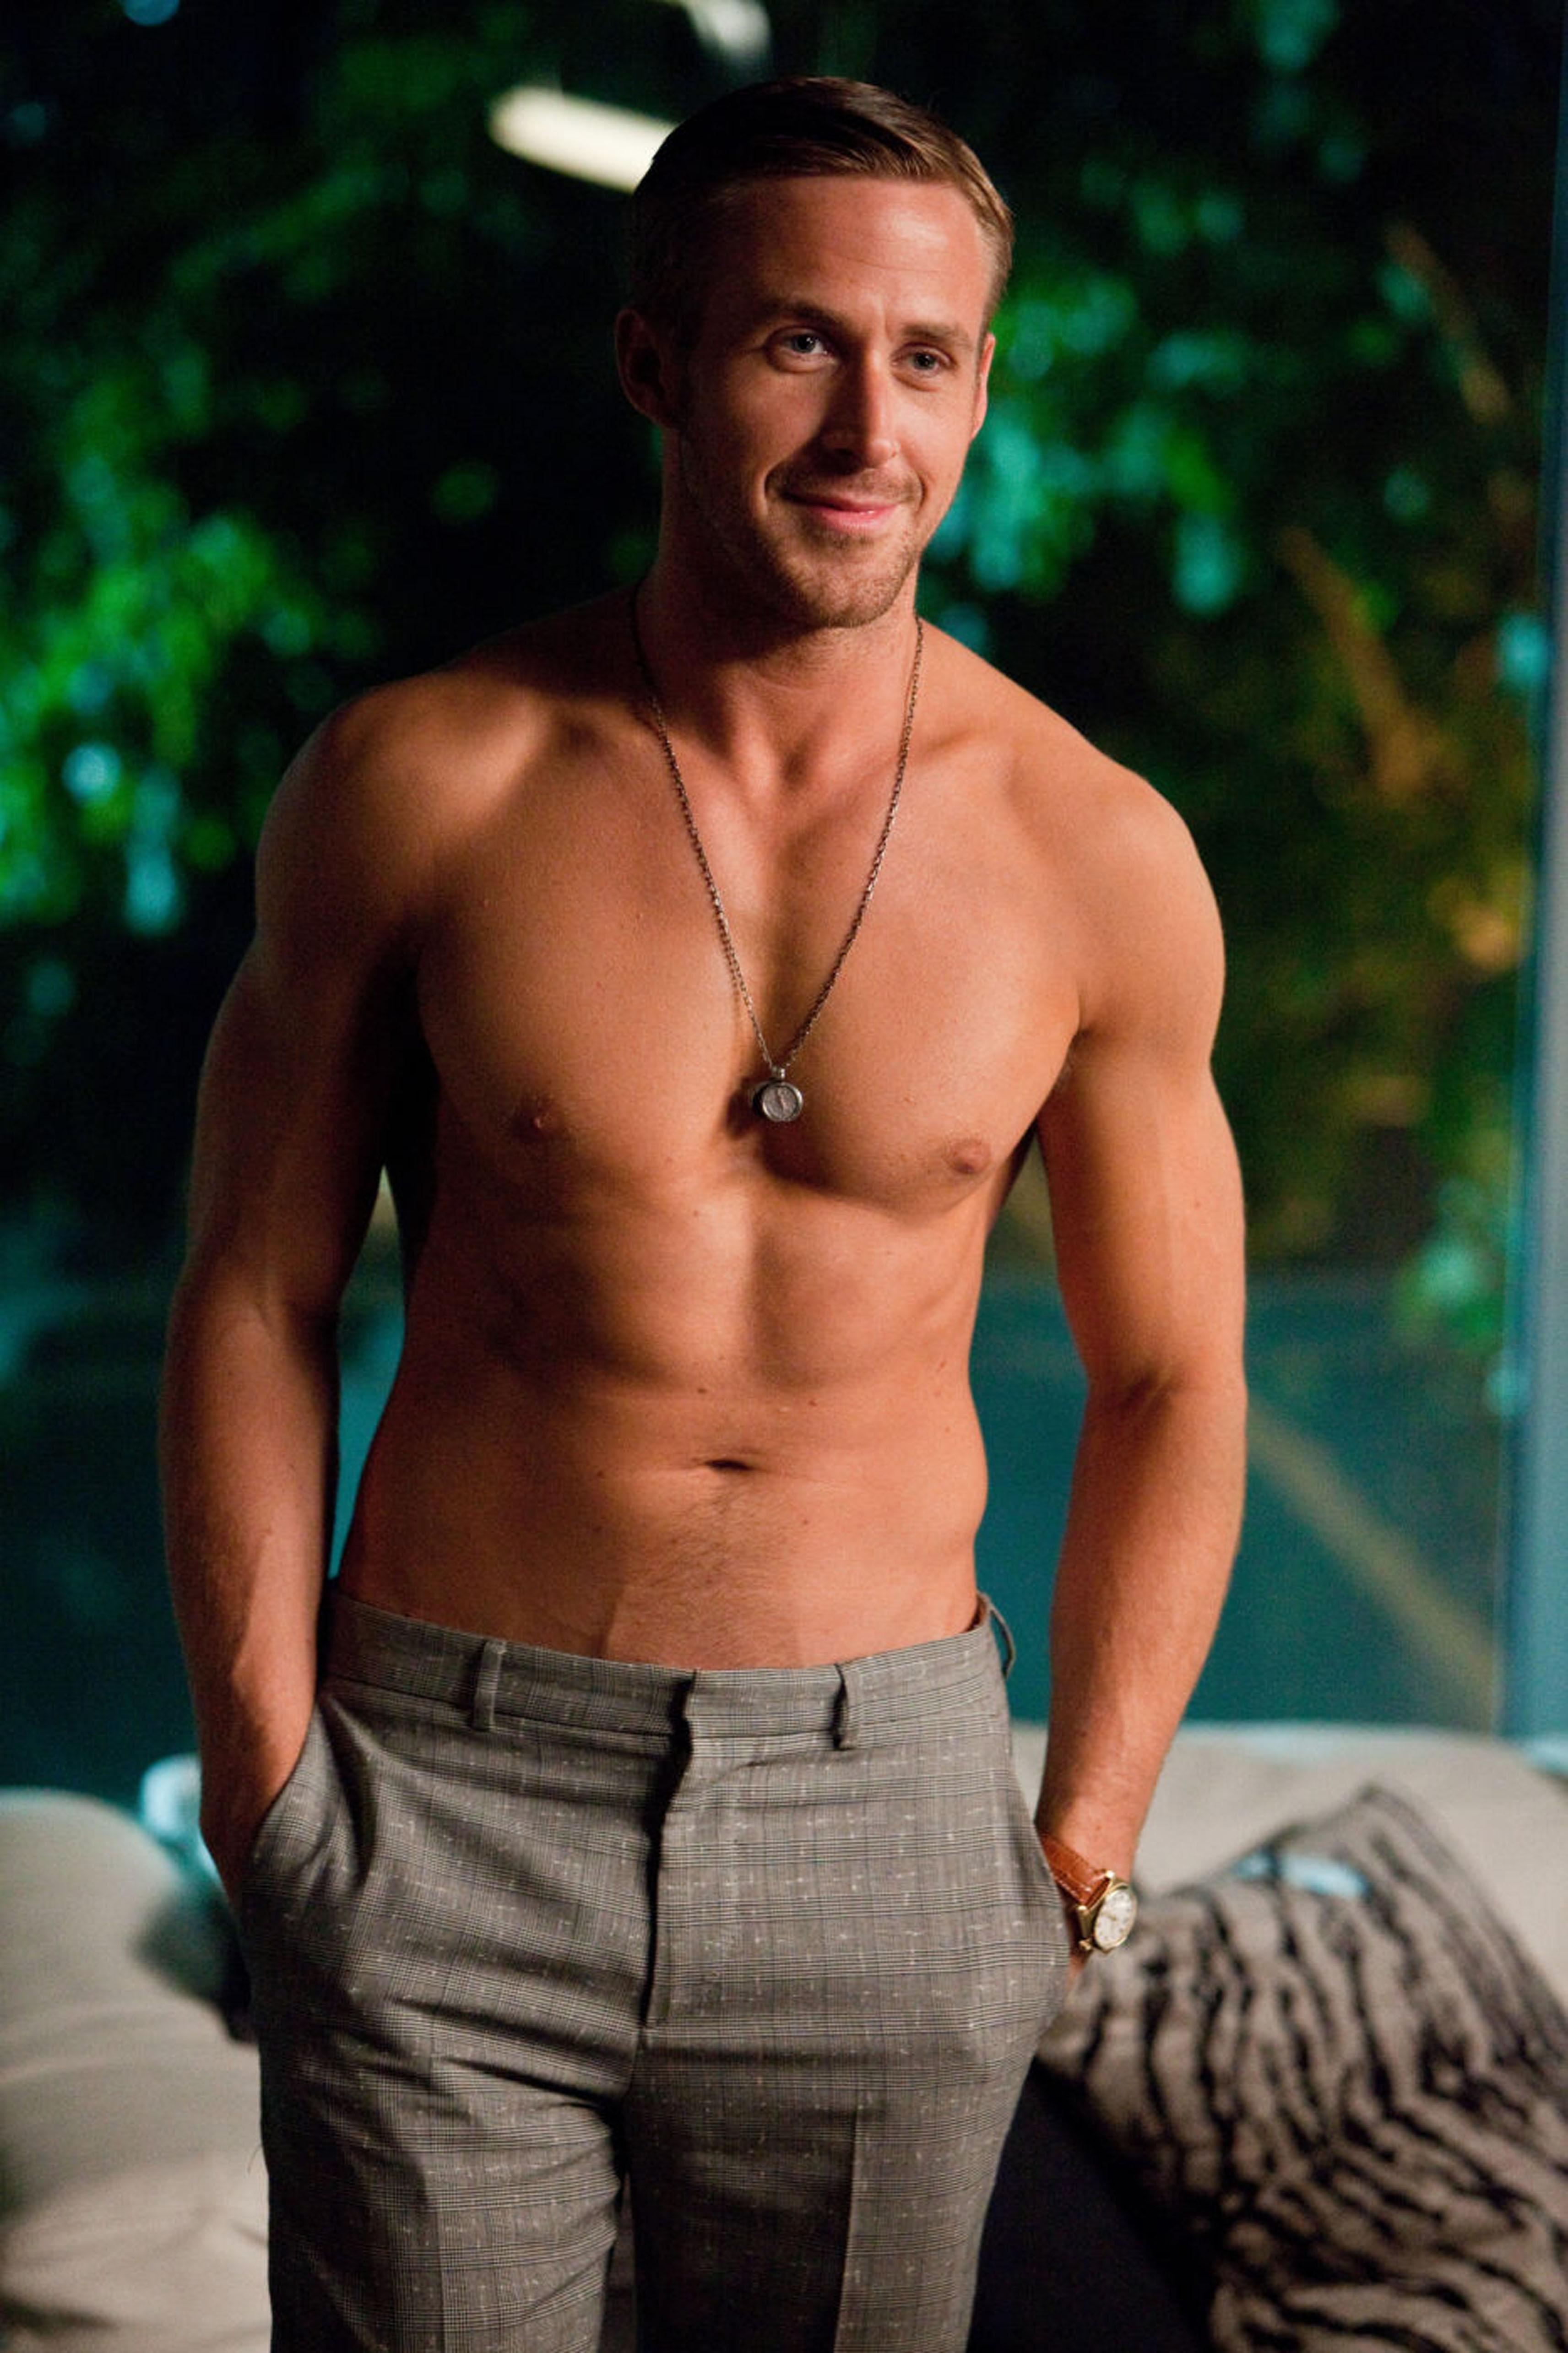 Ryan Gosling: Shirtless in a movie